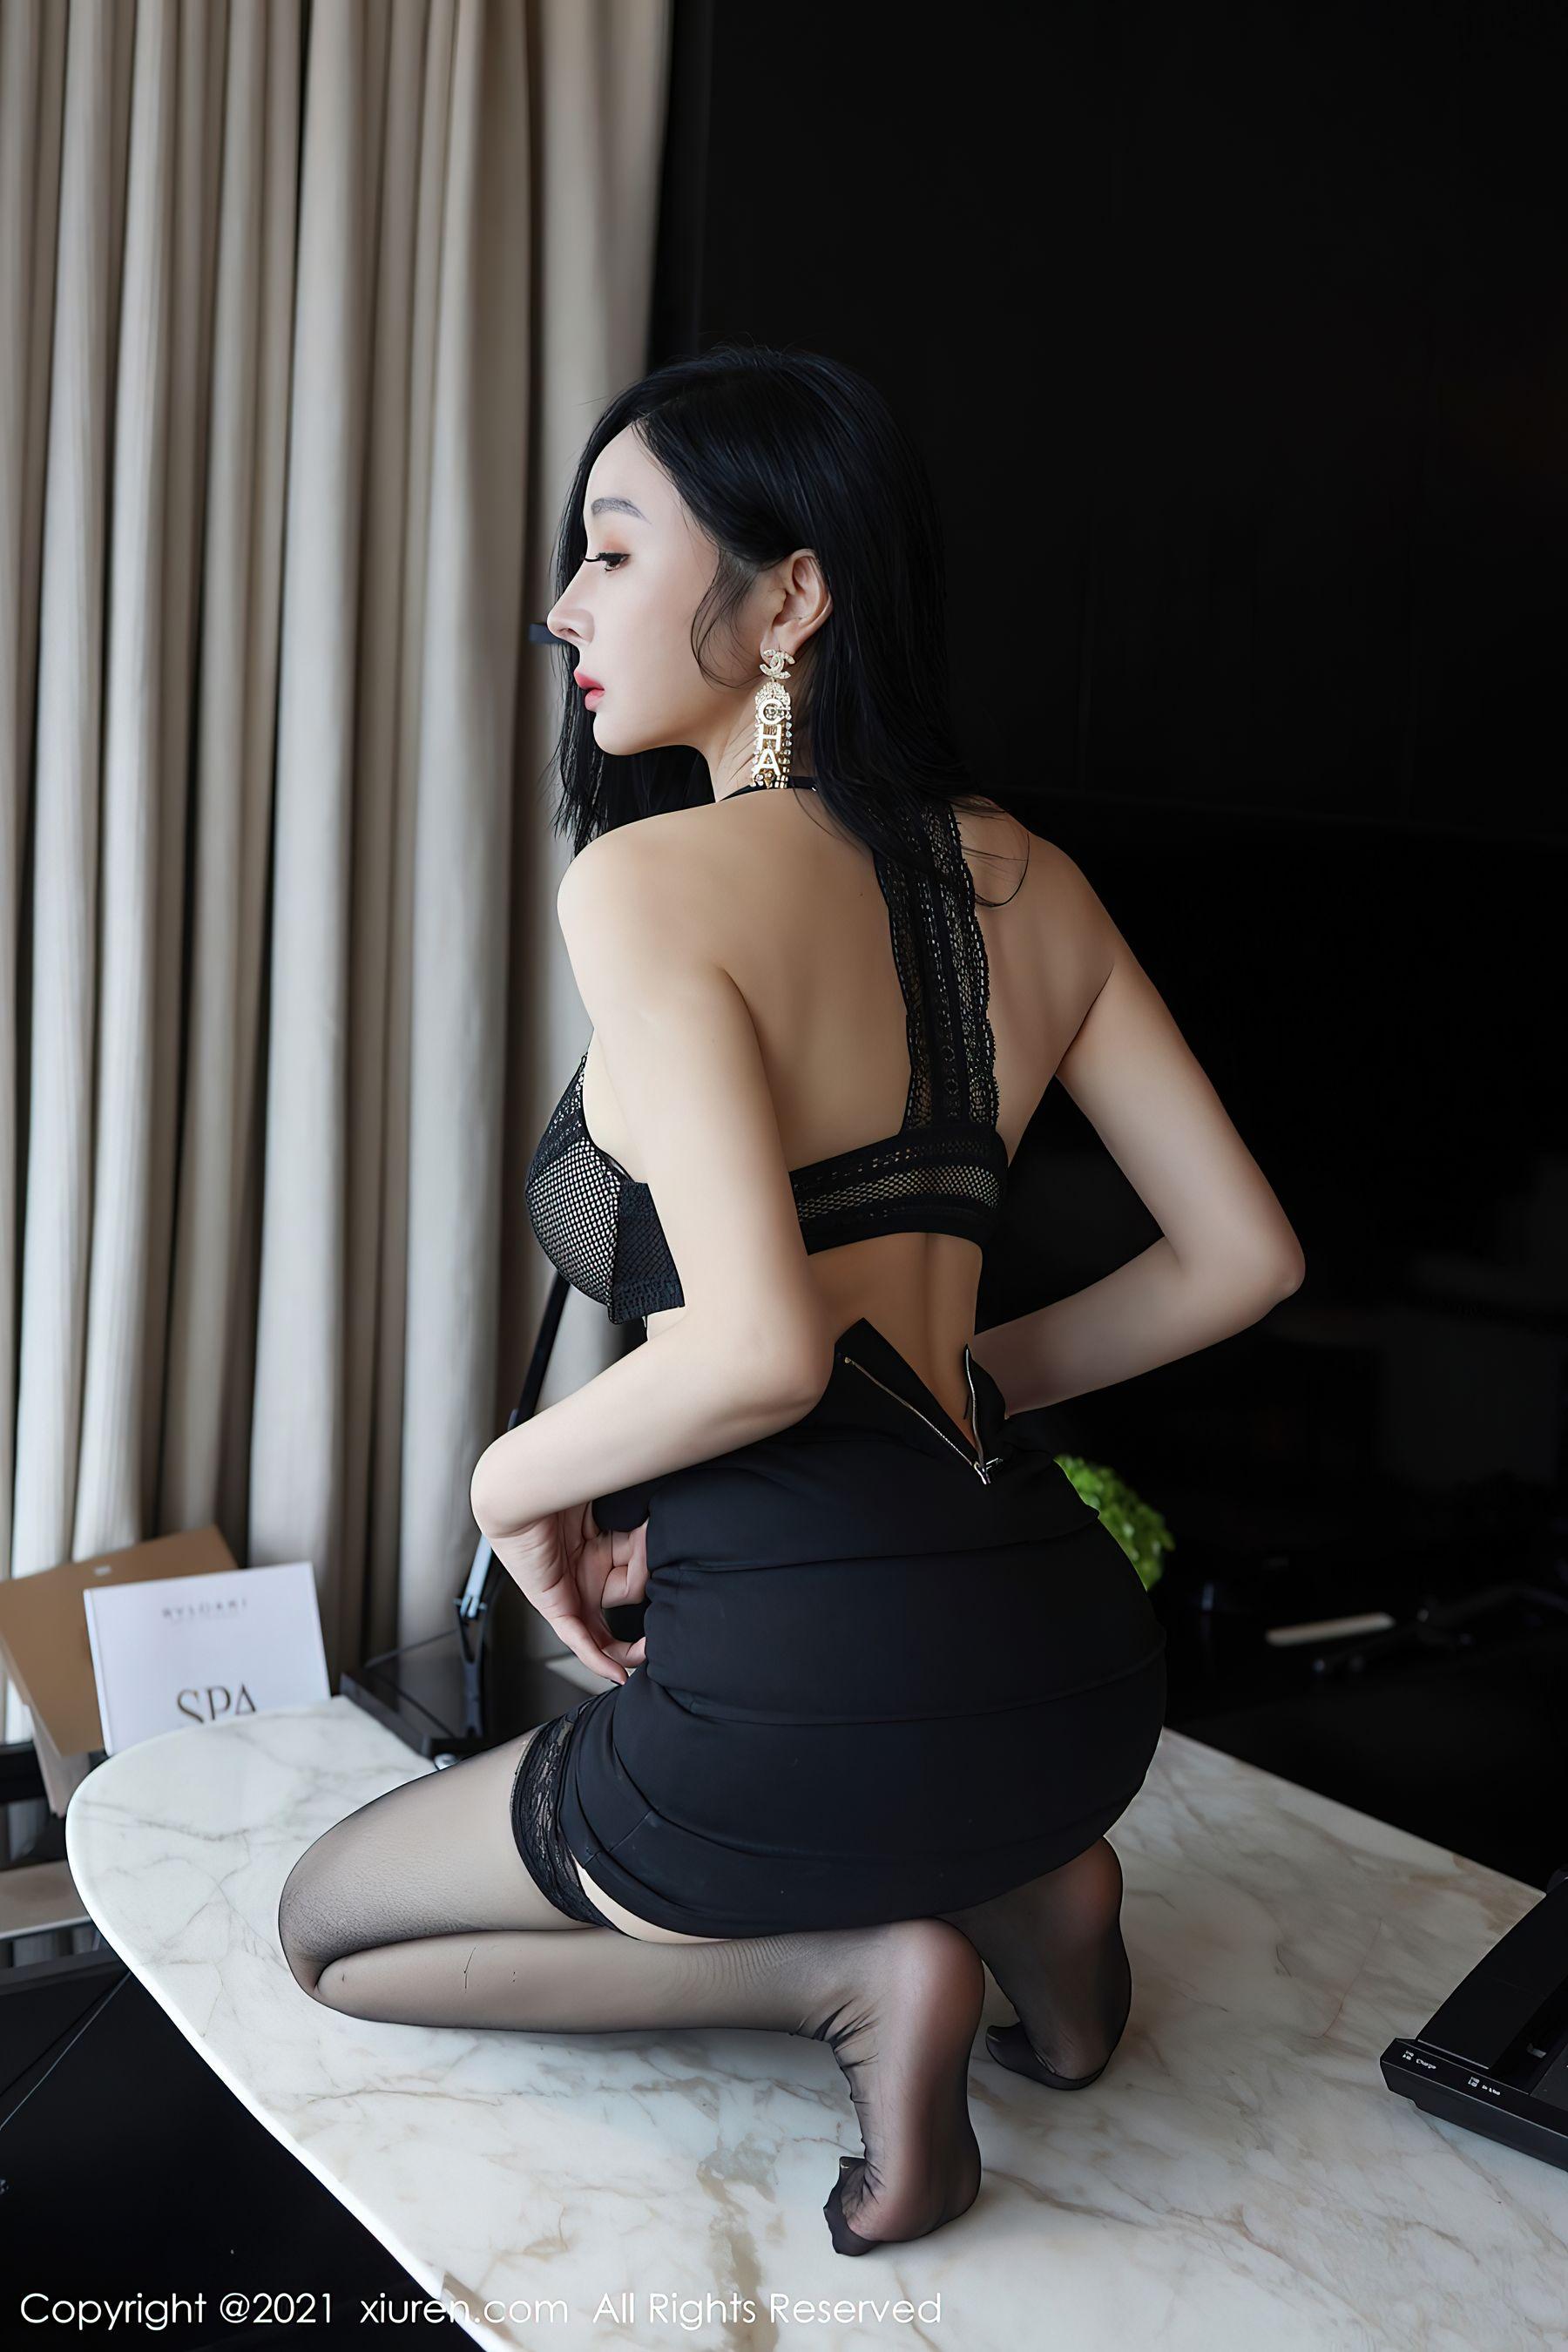 VOL.1702 [秀人网]女秘书黑丝制服白领丽人:允爾(允尔)超高清写真套图(61P)